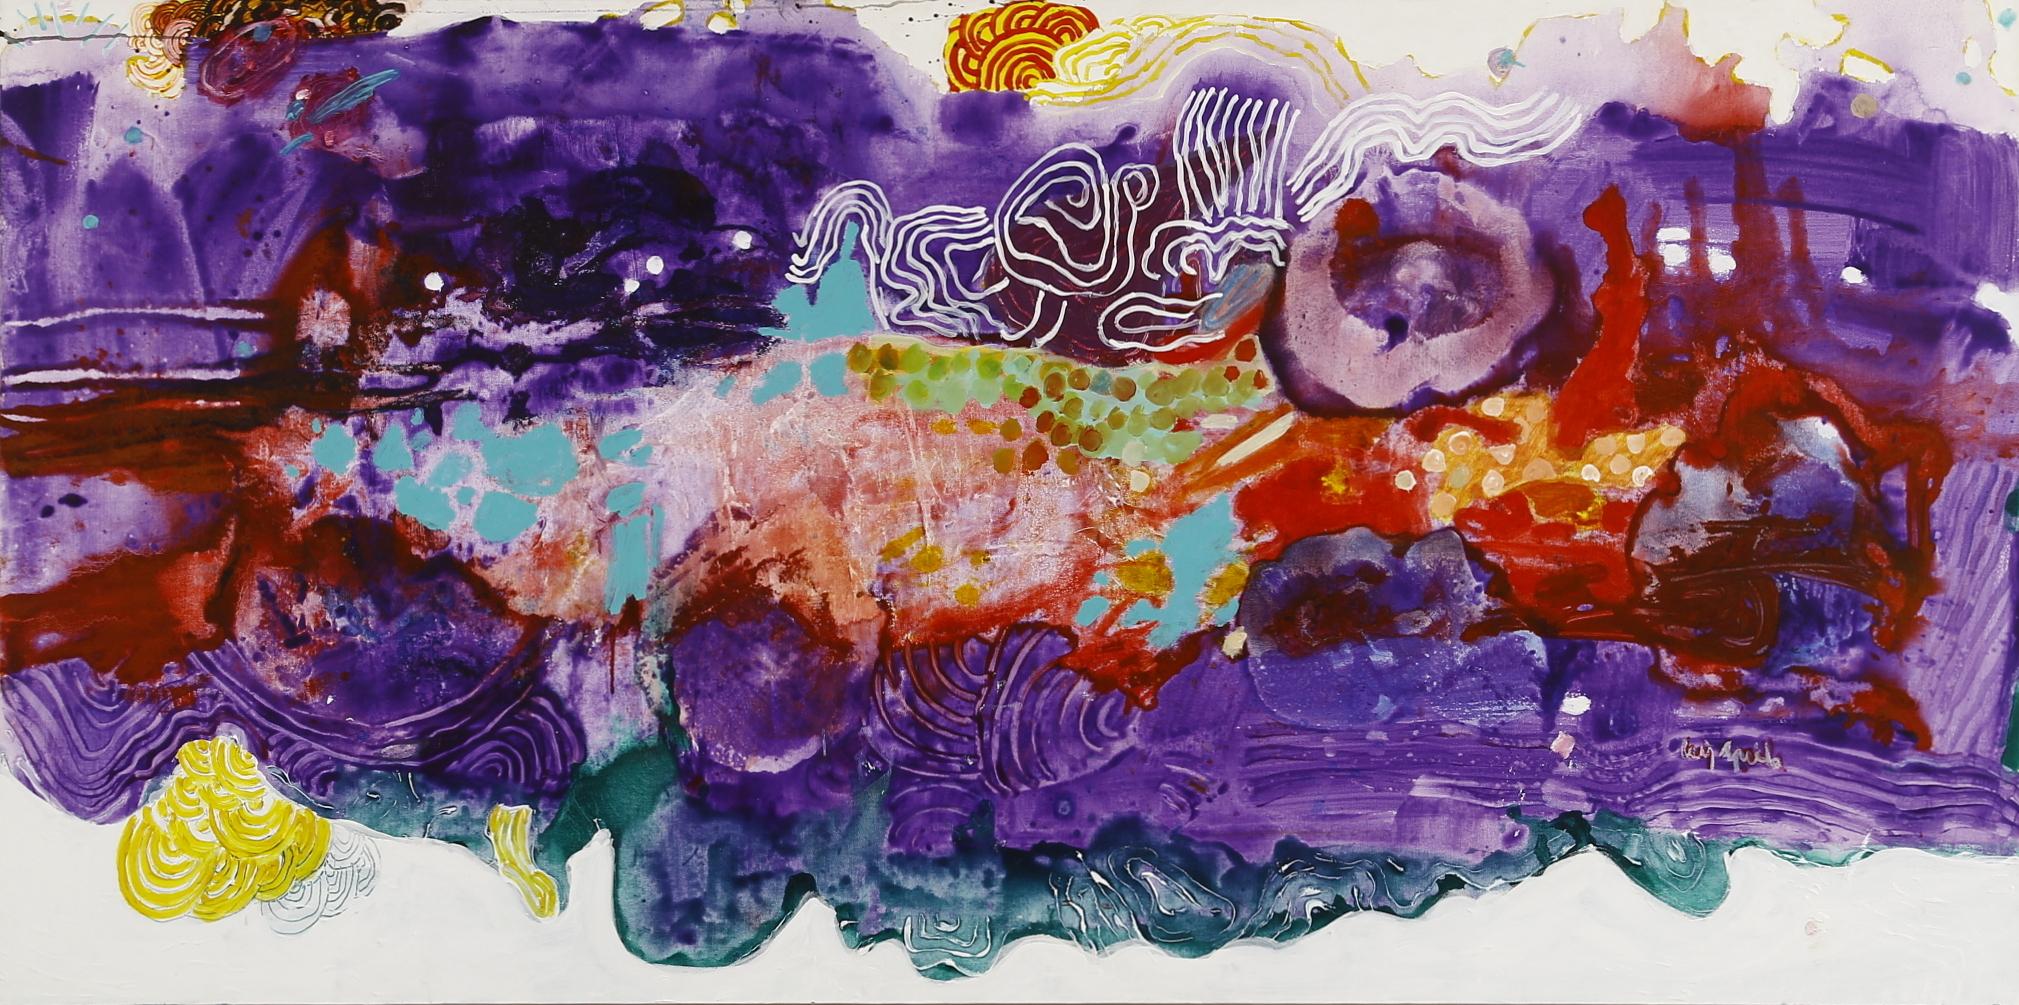 Luiz Aquila, A pintura e a pergunta do título, Acrílica sobre tela, 100 x 200 cm, 2010